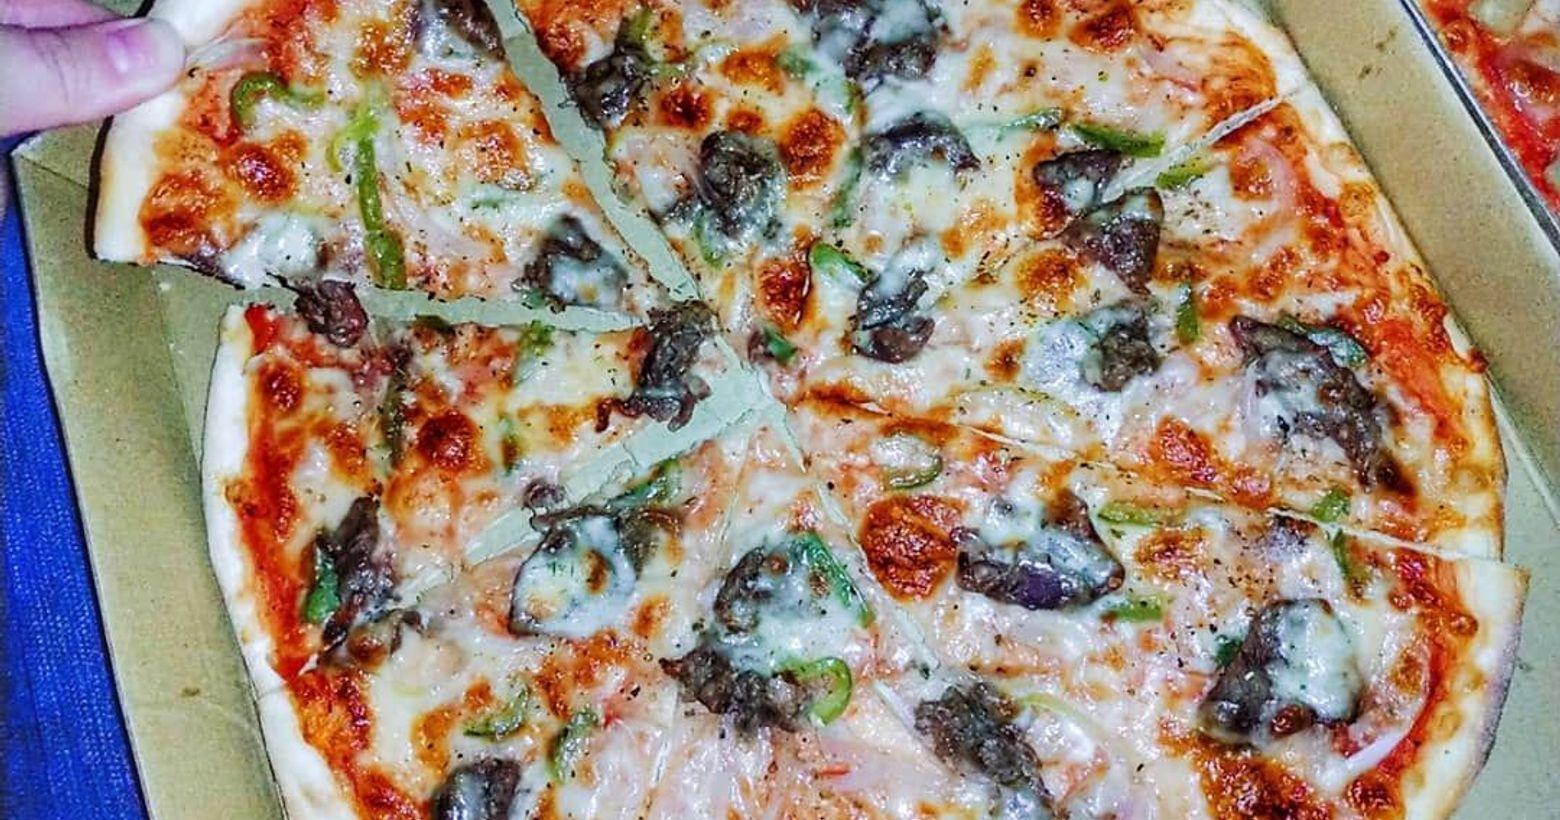 Pizza Running 逢甲店🌸台中美食介紹🌸今天來介紹pizzarunning的披薩使用義